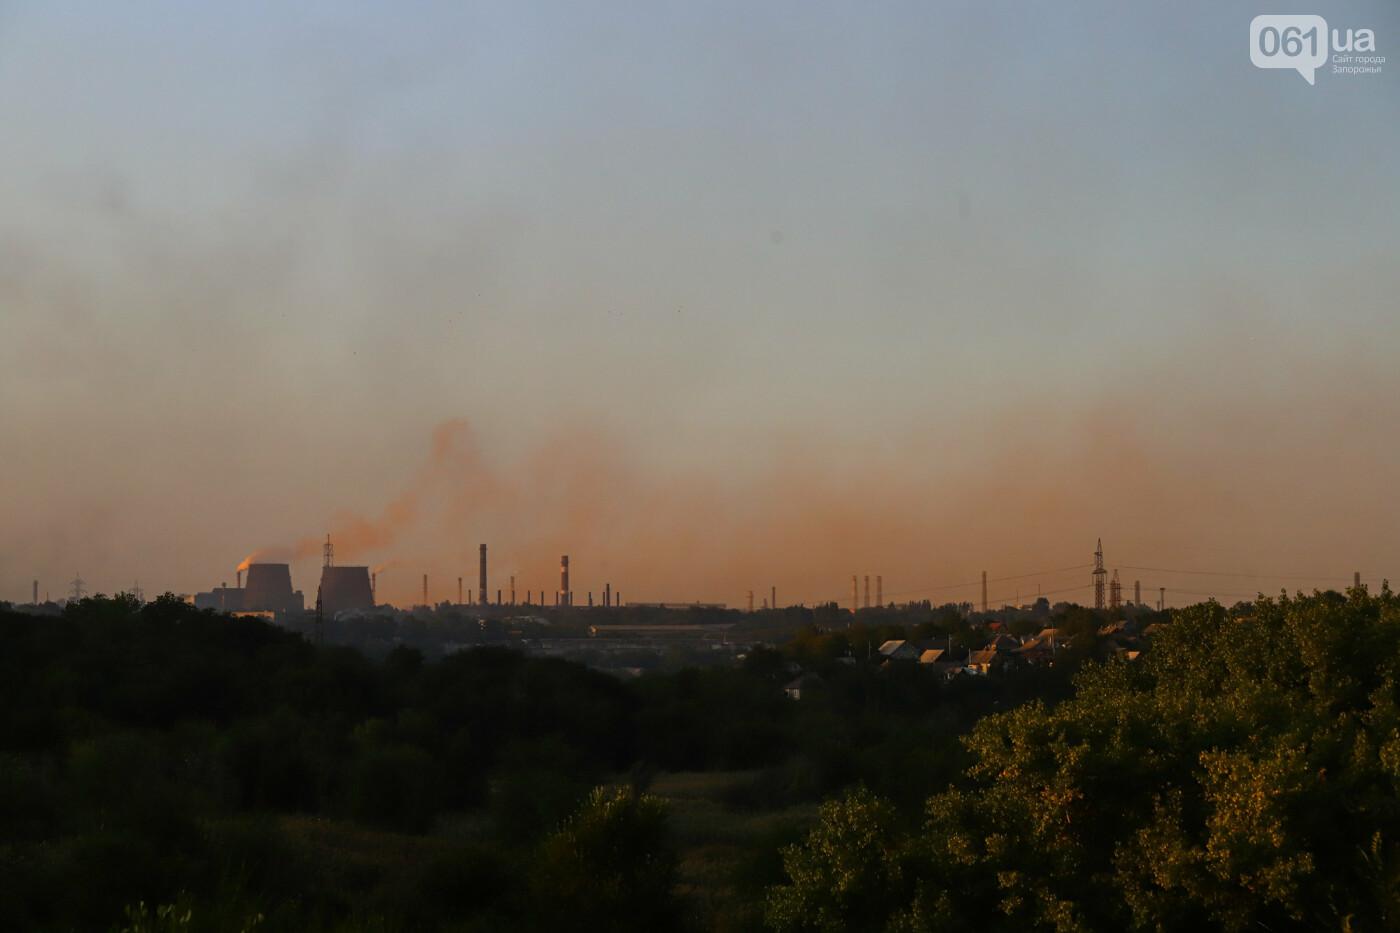 Запорожцы выйдут на митинг за чистый воздух - 10 фото о том, почему, фото-1